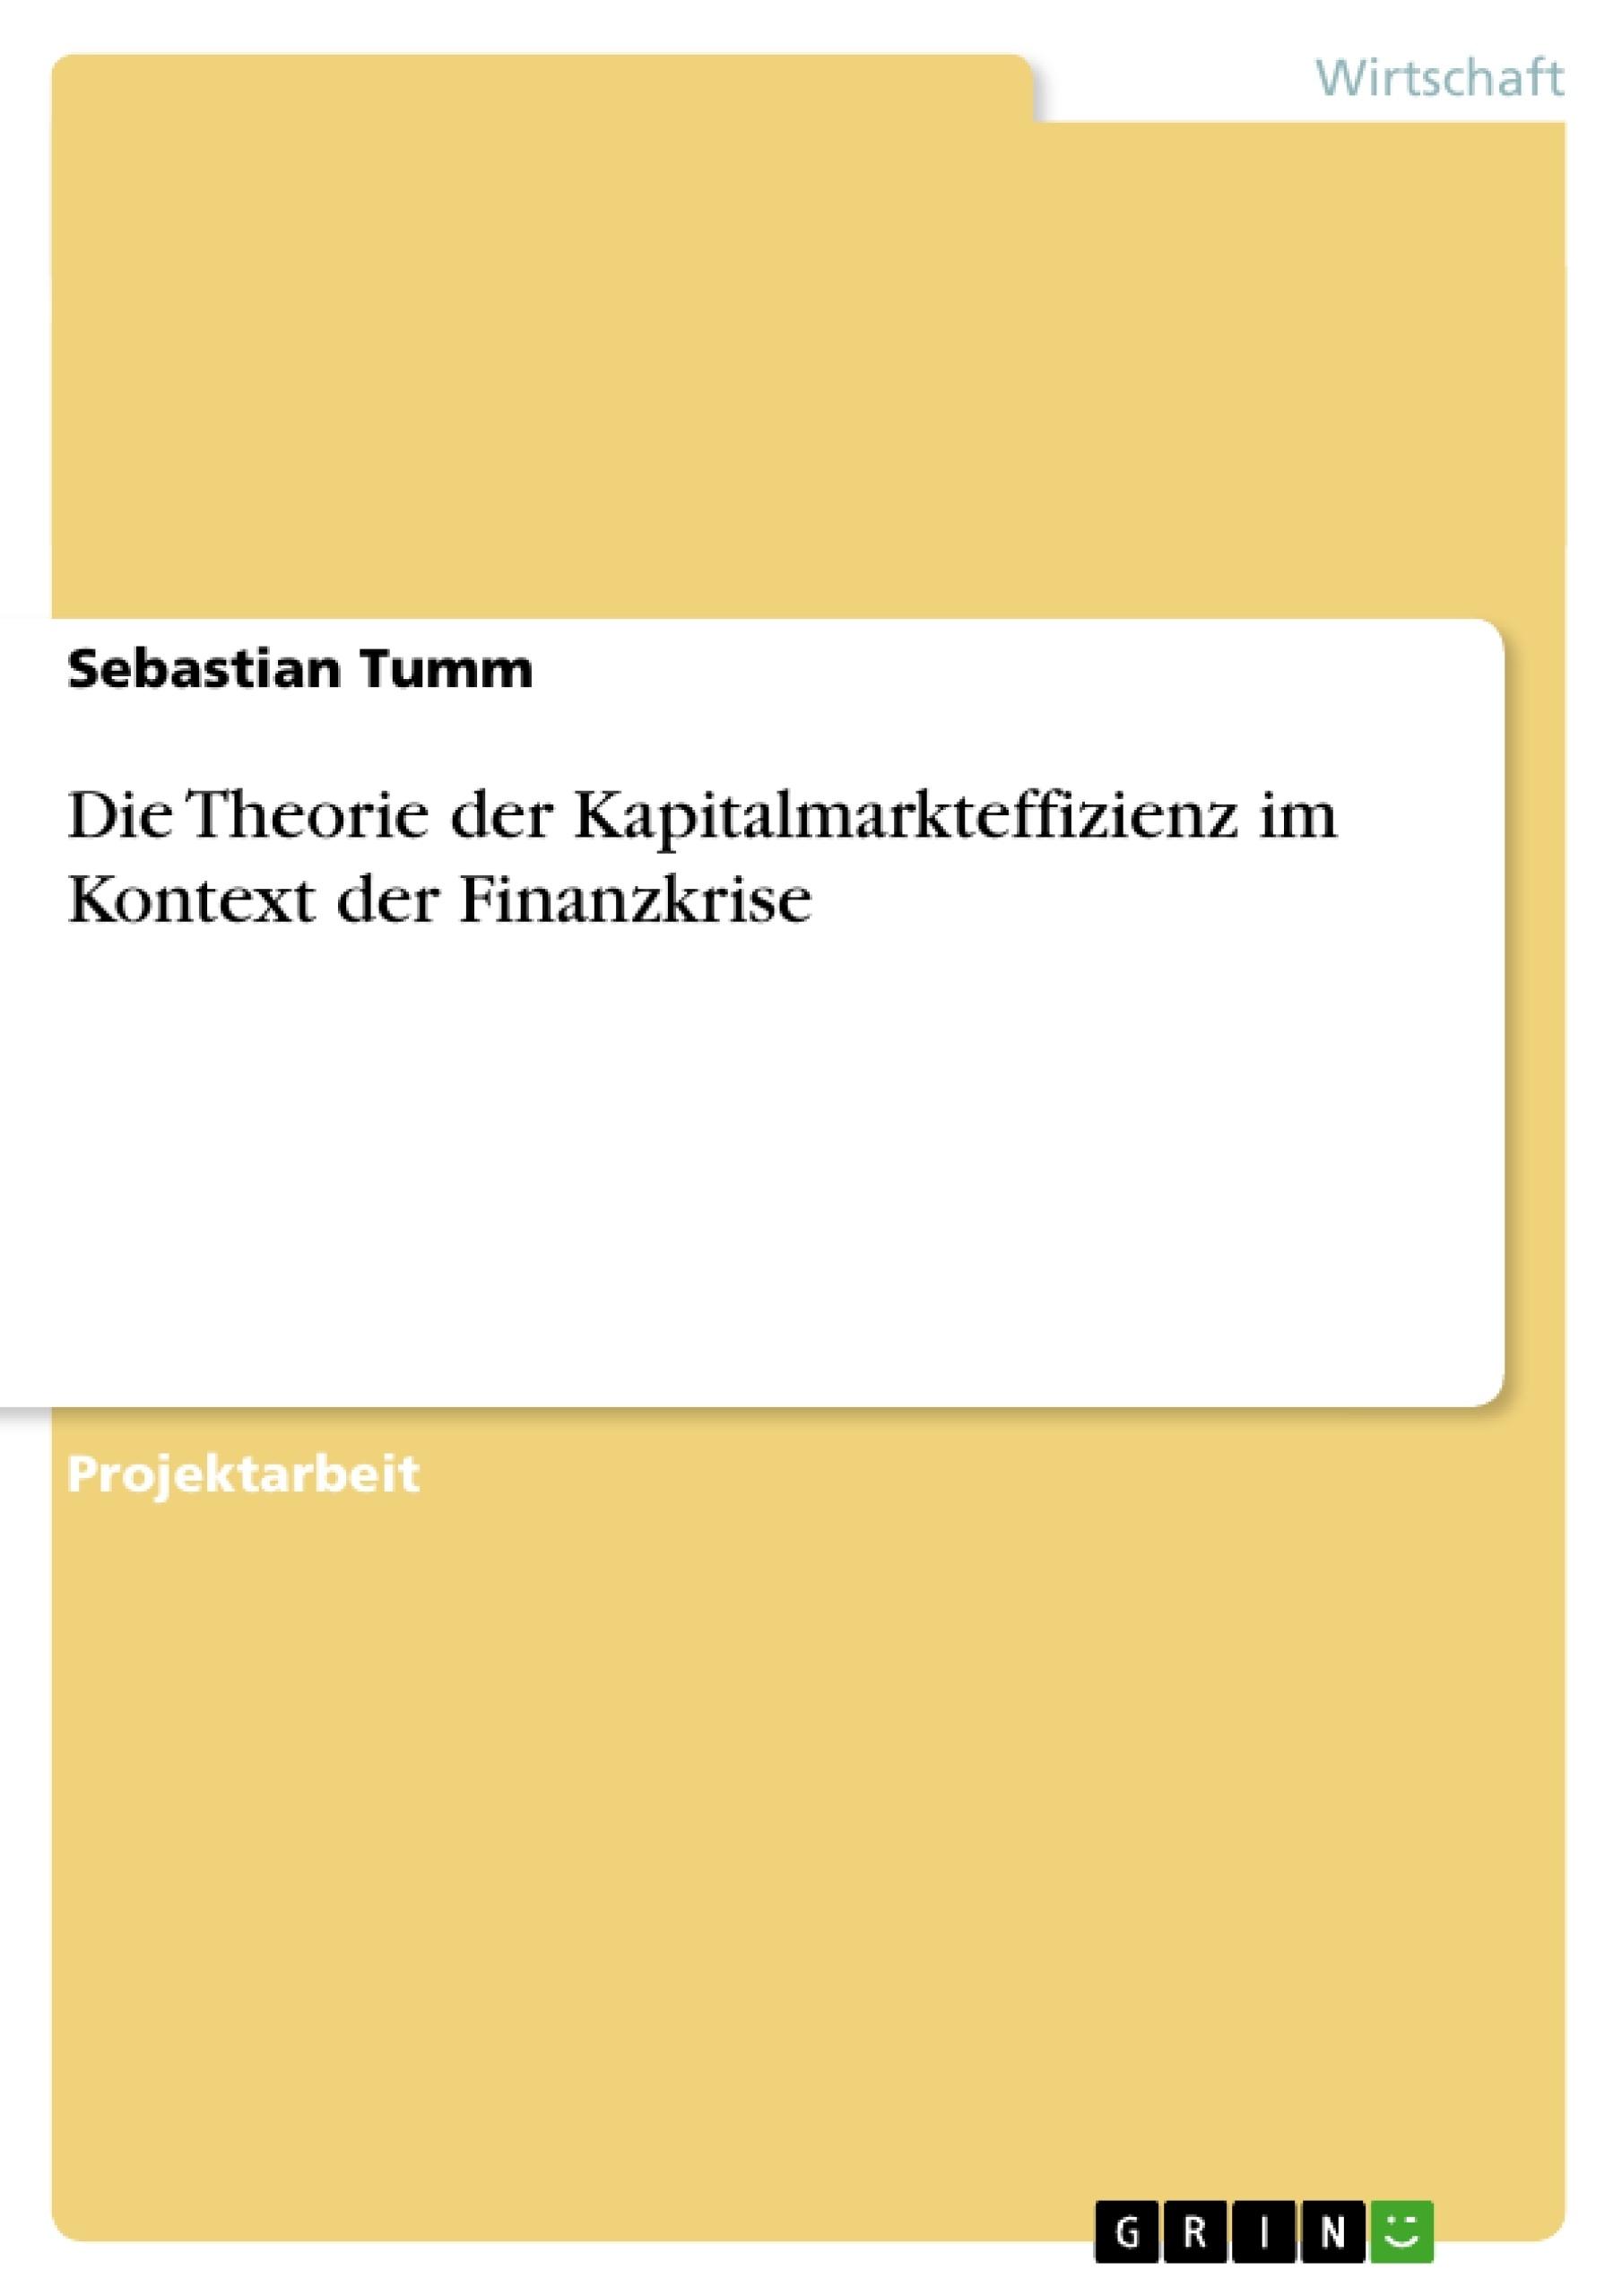 Titel: Die Theorie der Kapitalmarkteffizienz  im Kontext der Finanzkrise